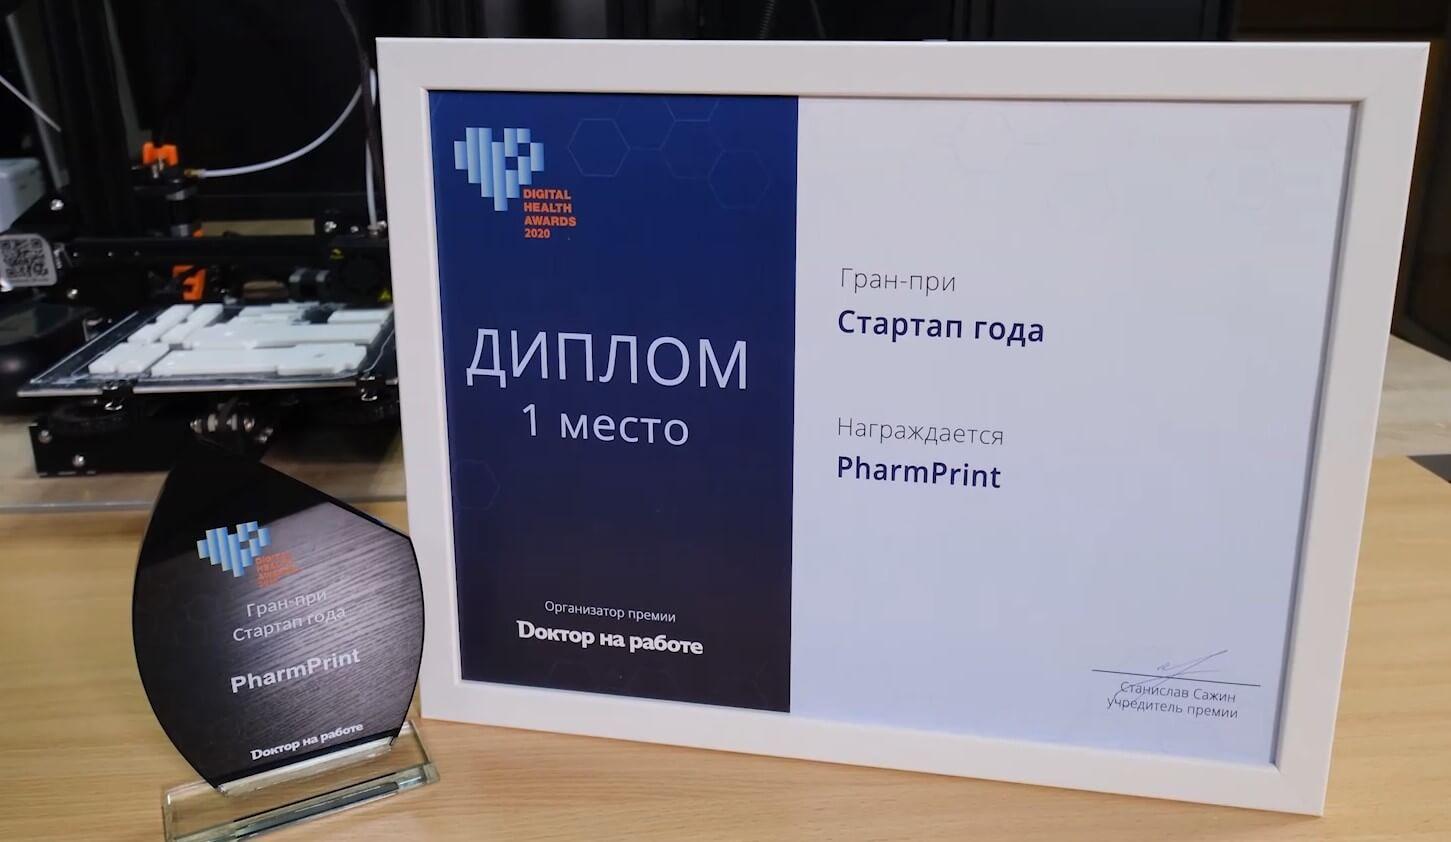 ФармПринт - победитель DigitalHealthAwards 2020